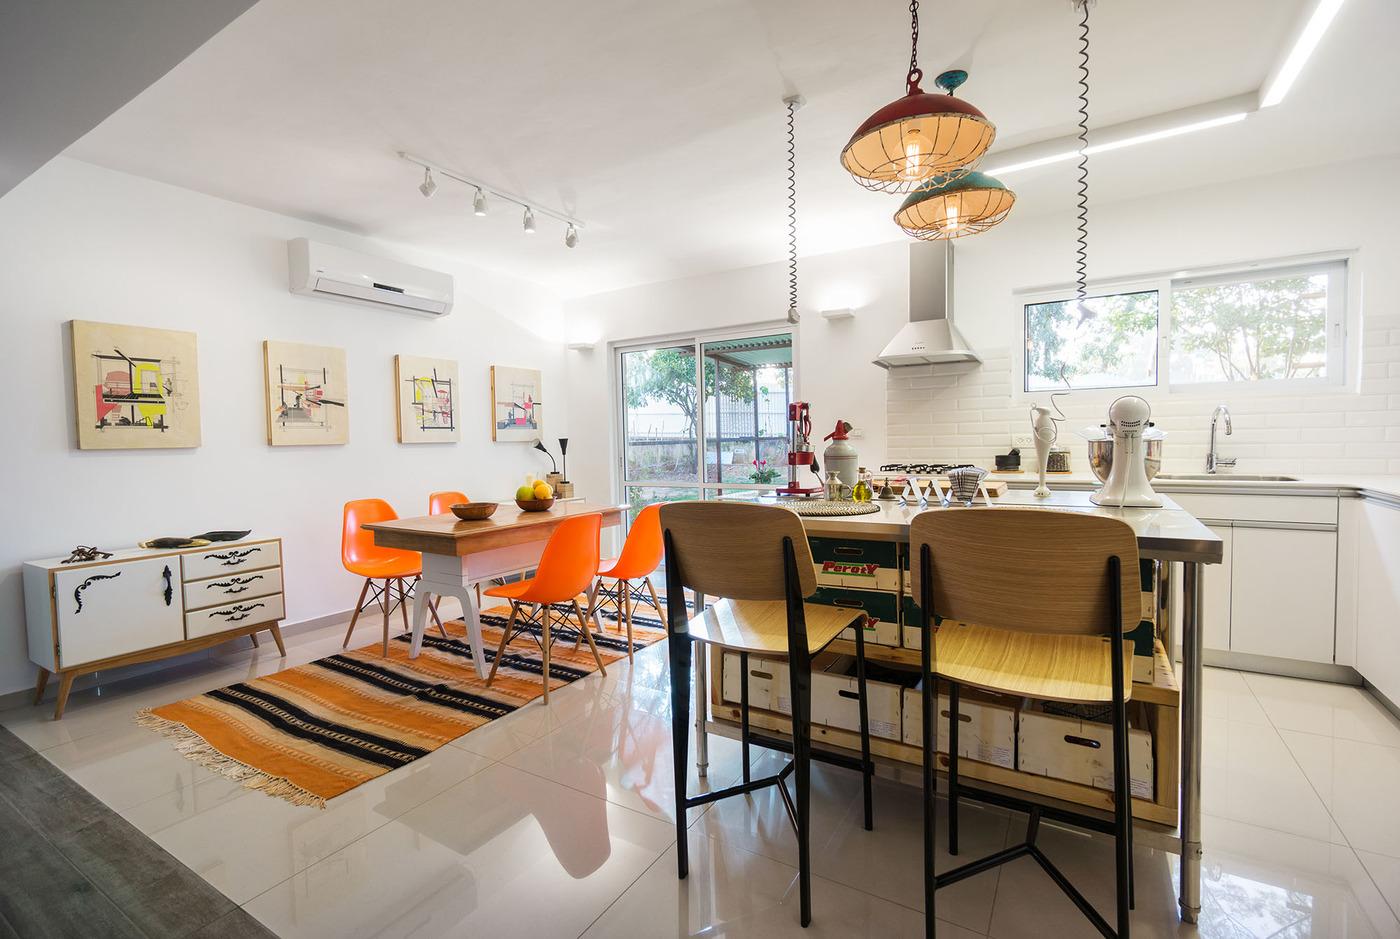 Варианты кухонь: деревянные барные стулья в интерьере